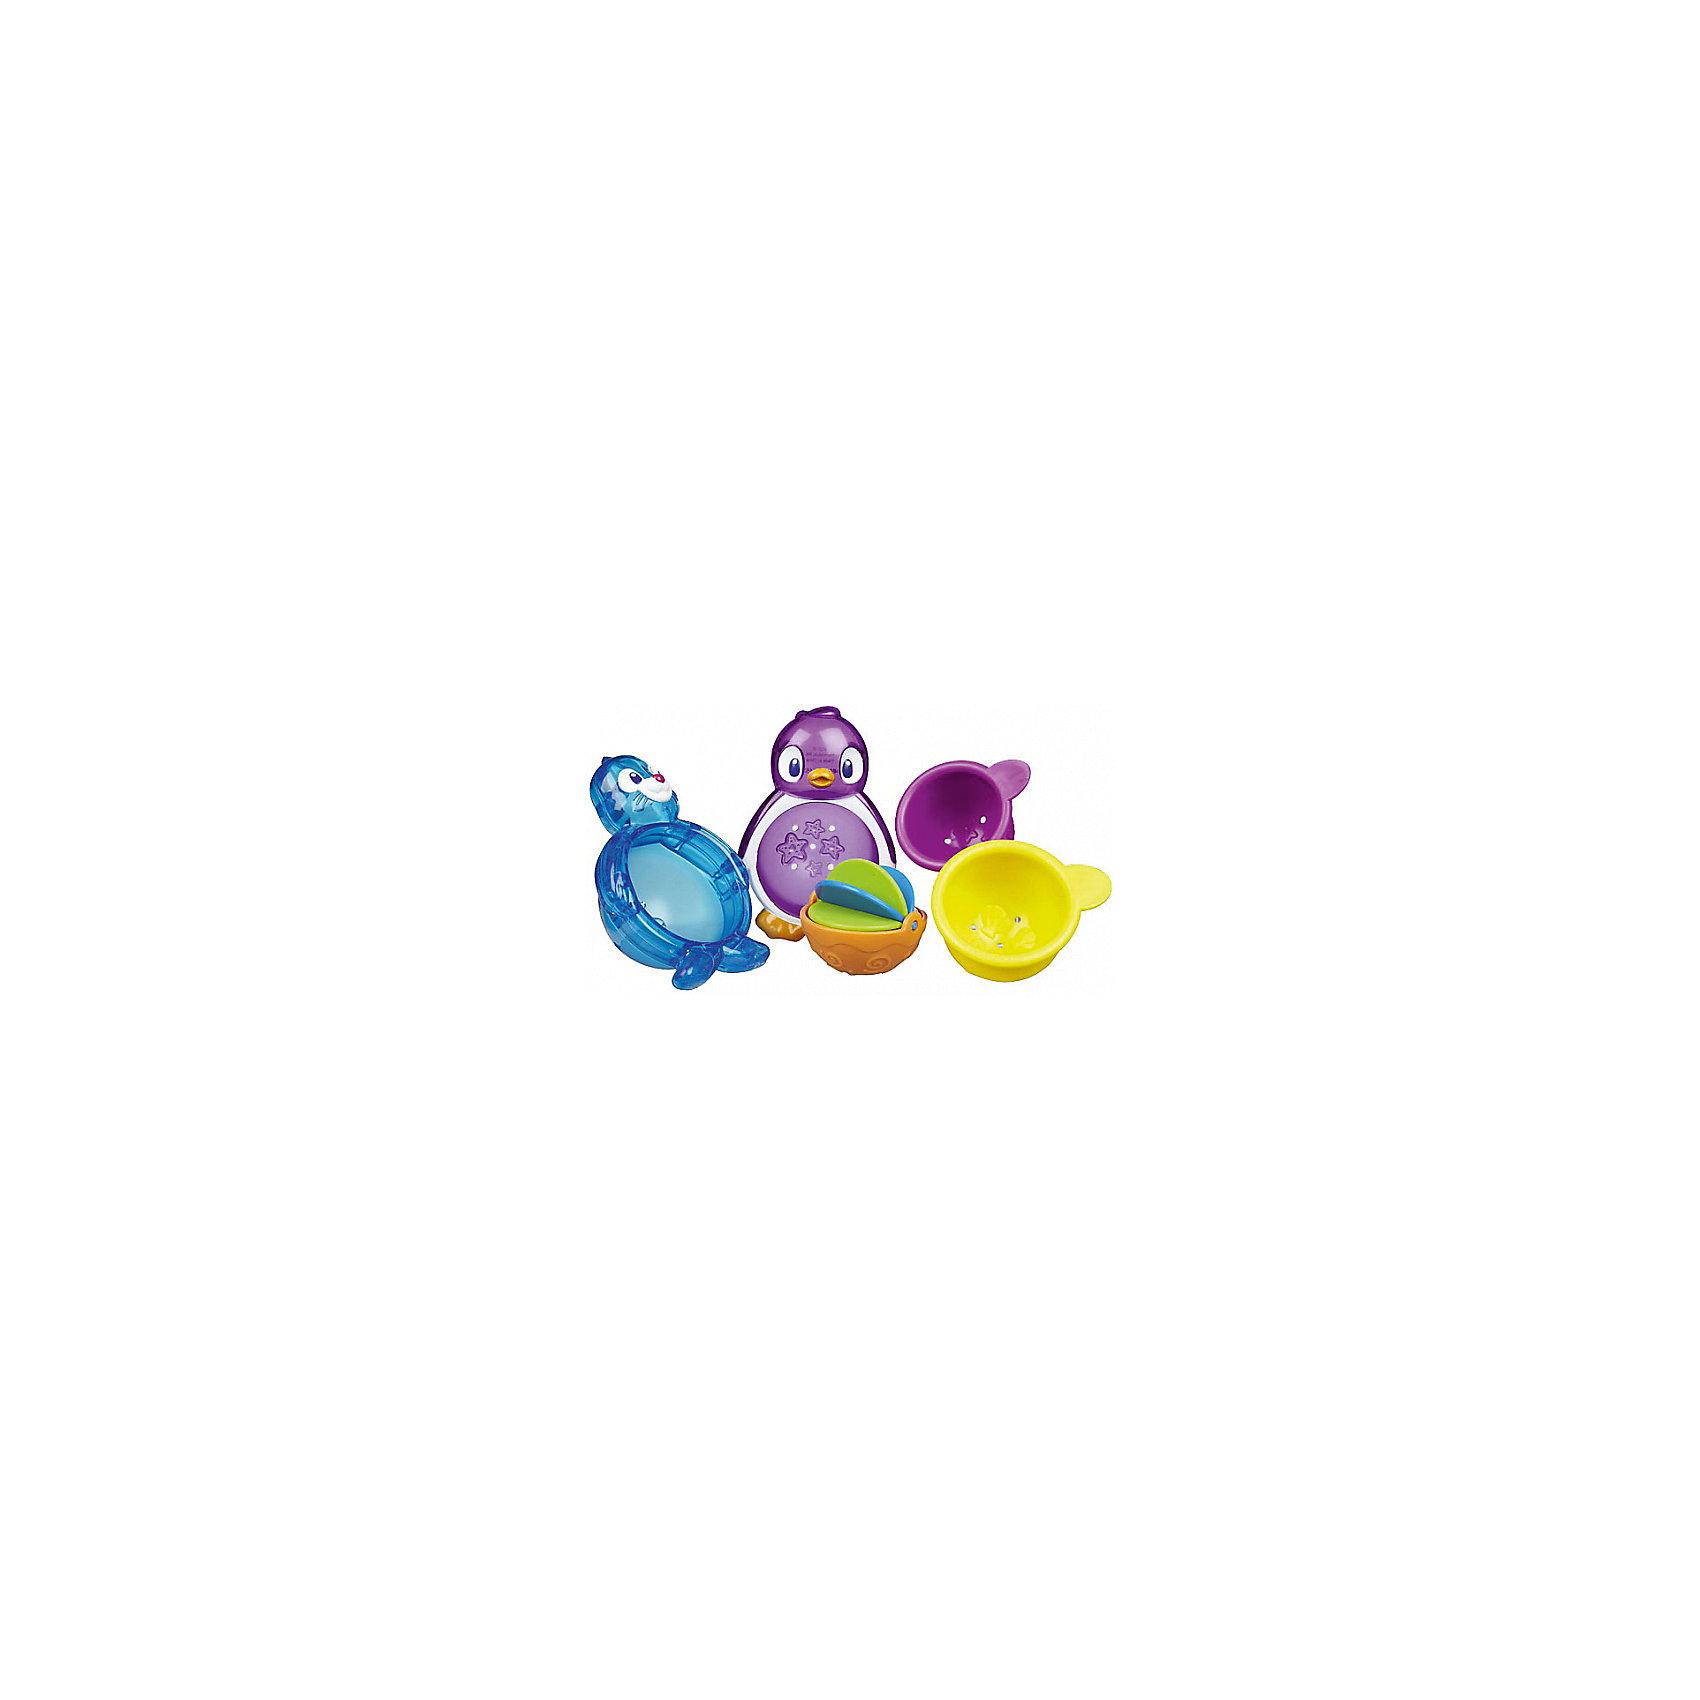 Игрушки для ванной Морские животные 2шт, MunchkinЛейки и поливалки<br>Игрушки для ванной Морские животные 2шт, Munchkin (Манчкин) – эта игрушка доставит малышу немало веселых минут во время купания!<br>Набор игрушек для ванны Munchkin Морские животные непременно понравится вашему ребенку и превратит купание в веселую игру! Набор включает две игрушки в виде тюленя и пингвина, два ковшика и чашку с вертушкой. Два забавных морских друга могут плавать на поверхности воды, словно яркие оригинальные буйки. Игрушки разбираются, поэтому вариантов игры с ними можно придумать достаточно много: зачерпывать и процеживать воду, вращать вертушку при наливании воды, а также разбирать и собирать. Игрушки сделают купание малыша не только более увлекательным, но и полезным - они развивают тактильные навыки и координацию, логическое мышление, понятия формы и цвета.<br><br>Дополнительная информация:<br><br>- В комплекте: тюлень, пингвин, 2 ковшика, чашка, вертушка<br>- Материал: пластик<br>- Размер морского животного: 7,5 х 11 х 5 см. <br>- Средний диаметр ковшика: 6 см.<br>- Размер упаковки: 20 х 24 х 12 см.<br>- Вес: 170 г.<br><br>Игрушки для ванной Морские животные 2шт, Munchkin (Манчкин) можно купить в нашем интернет-магазине.<br><br>Ширина мм: 240<br>Глубина мм: 200<br>Высота мм: 120<br>Вес г: 170<br>Возраст от месяцев: 12<br>Возраст до месяцев: 36<br>Пол: Унисекс<br>Возраст: Детский<br>SKU: 4142378